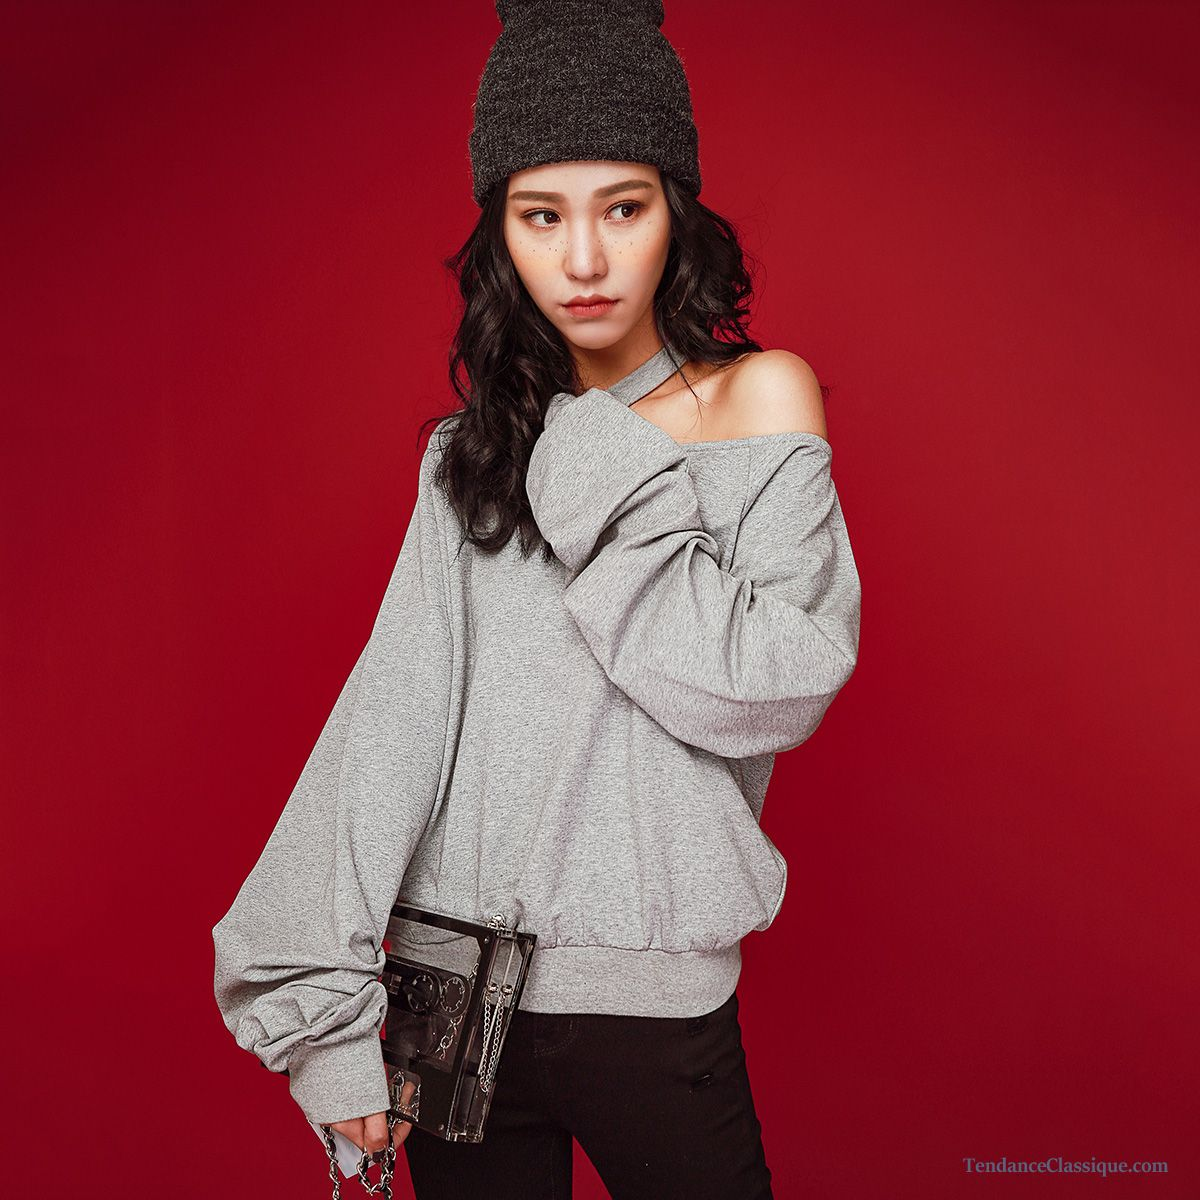 Gros Gilet En Laine Femme, Sweat À Capuche Femme Fashion Pas Cher 8192eeb5dedc